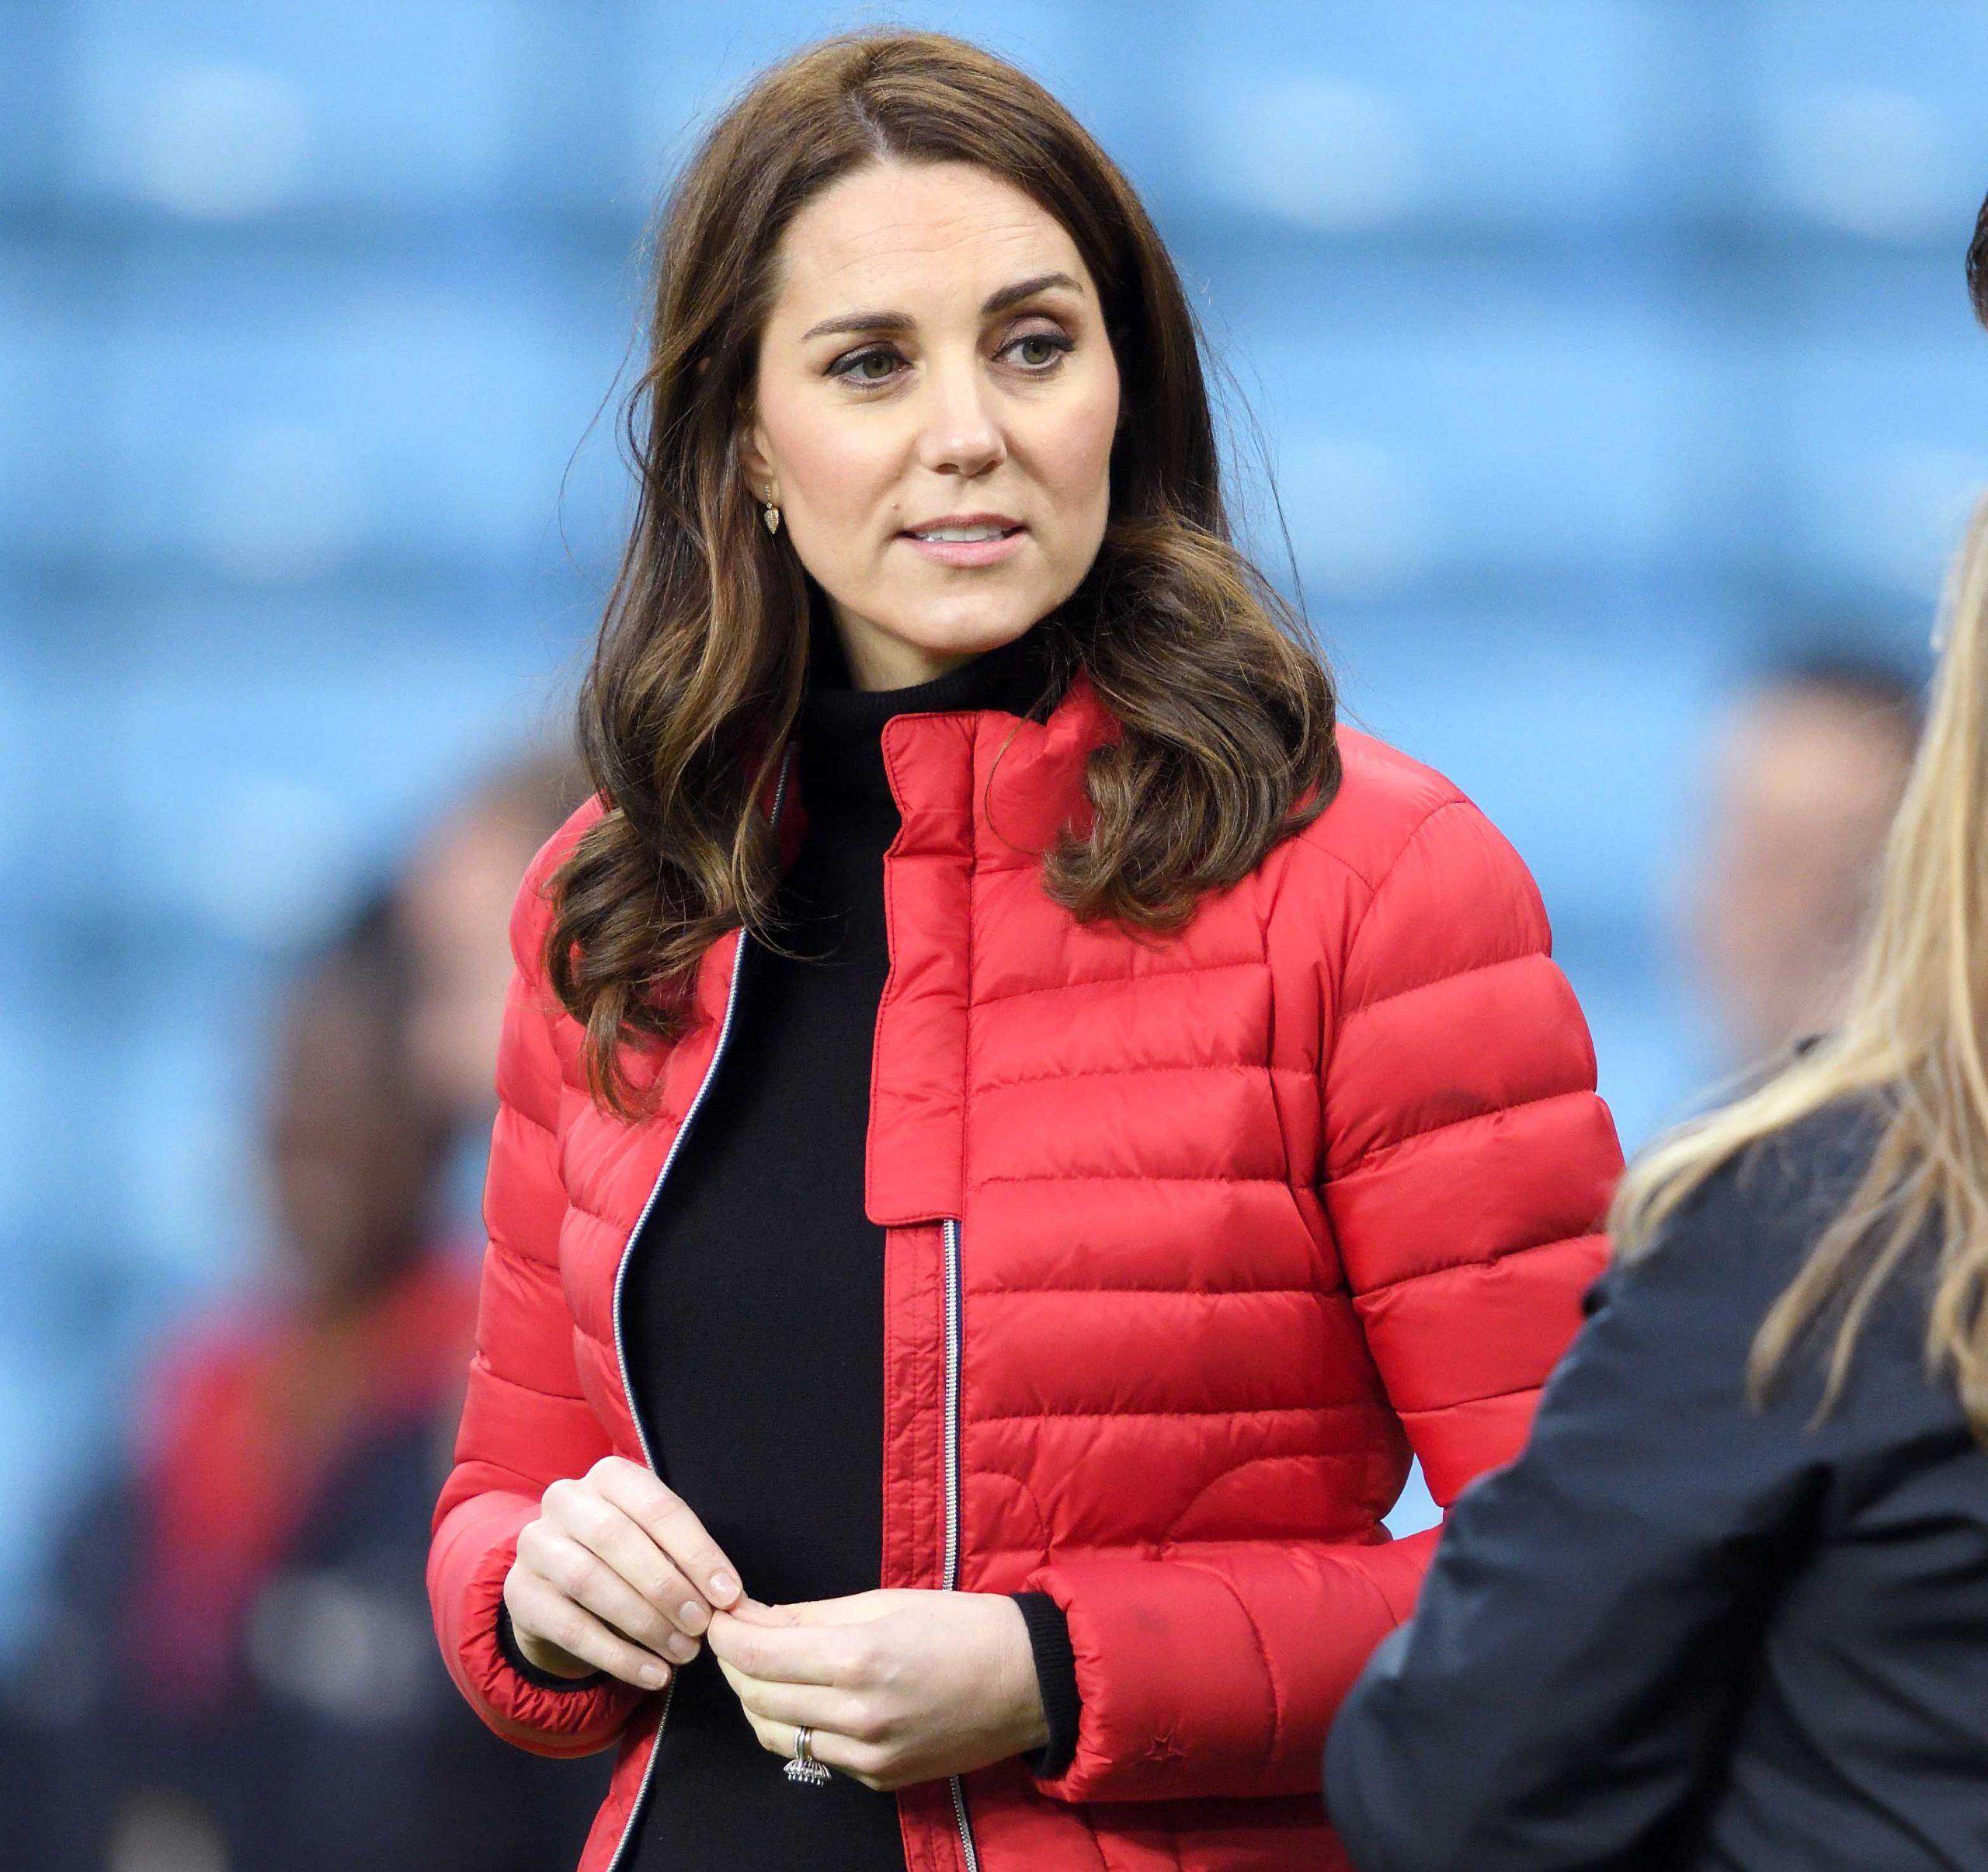 Kate Middleton exercise routine